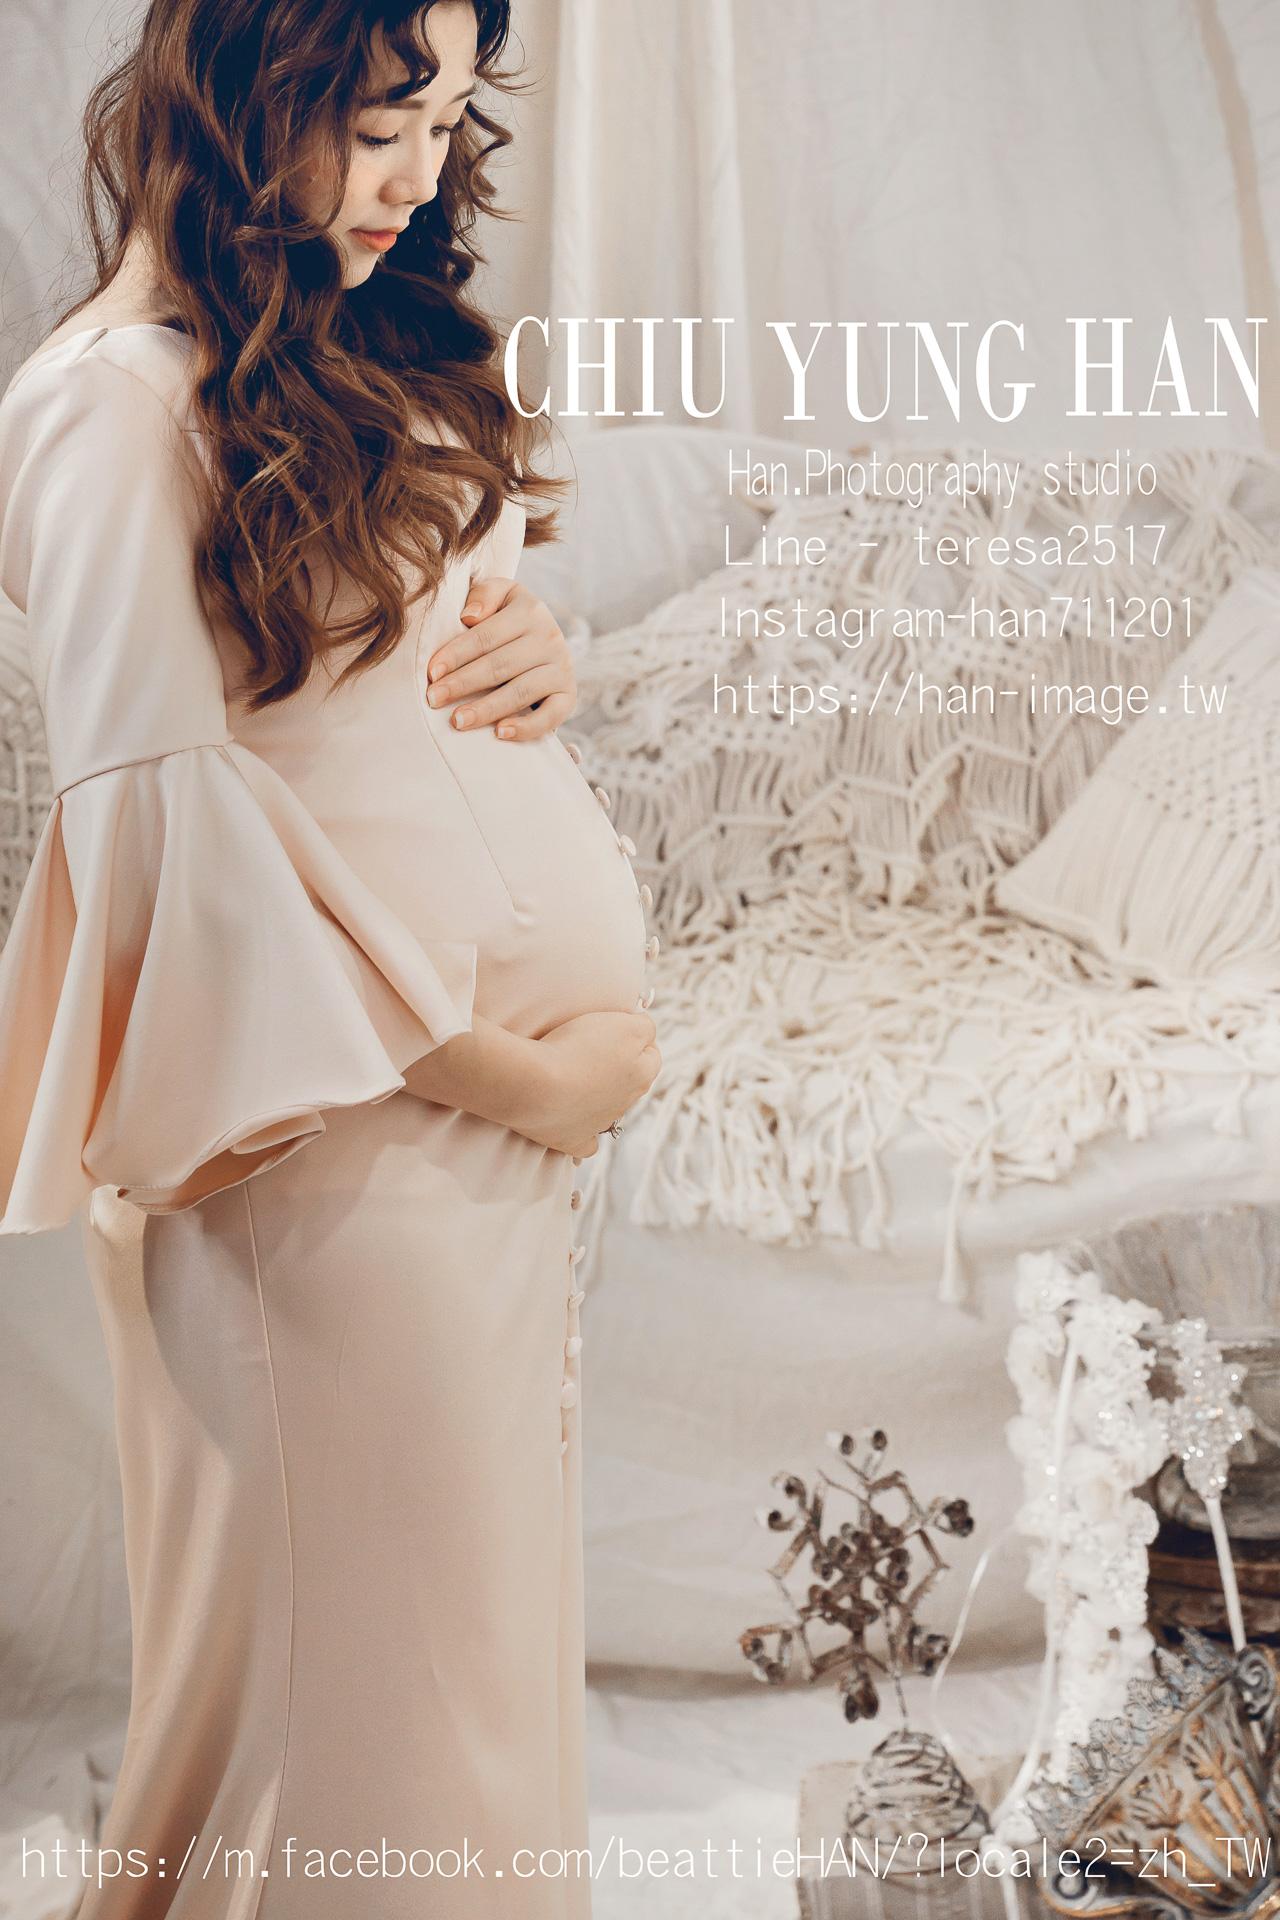 去哪裡拍孕婦寫真,台中孕婦寫真,雜誌感孕婦 ,孕婦照,量身打造,Han婚紗影像工作室